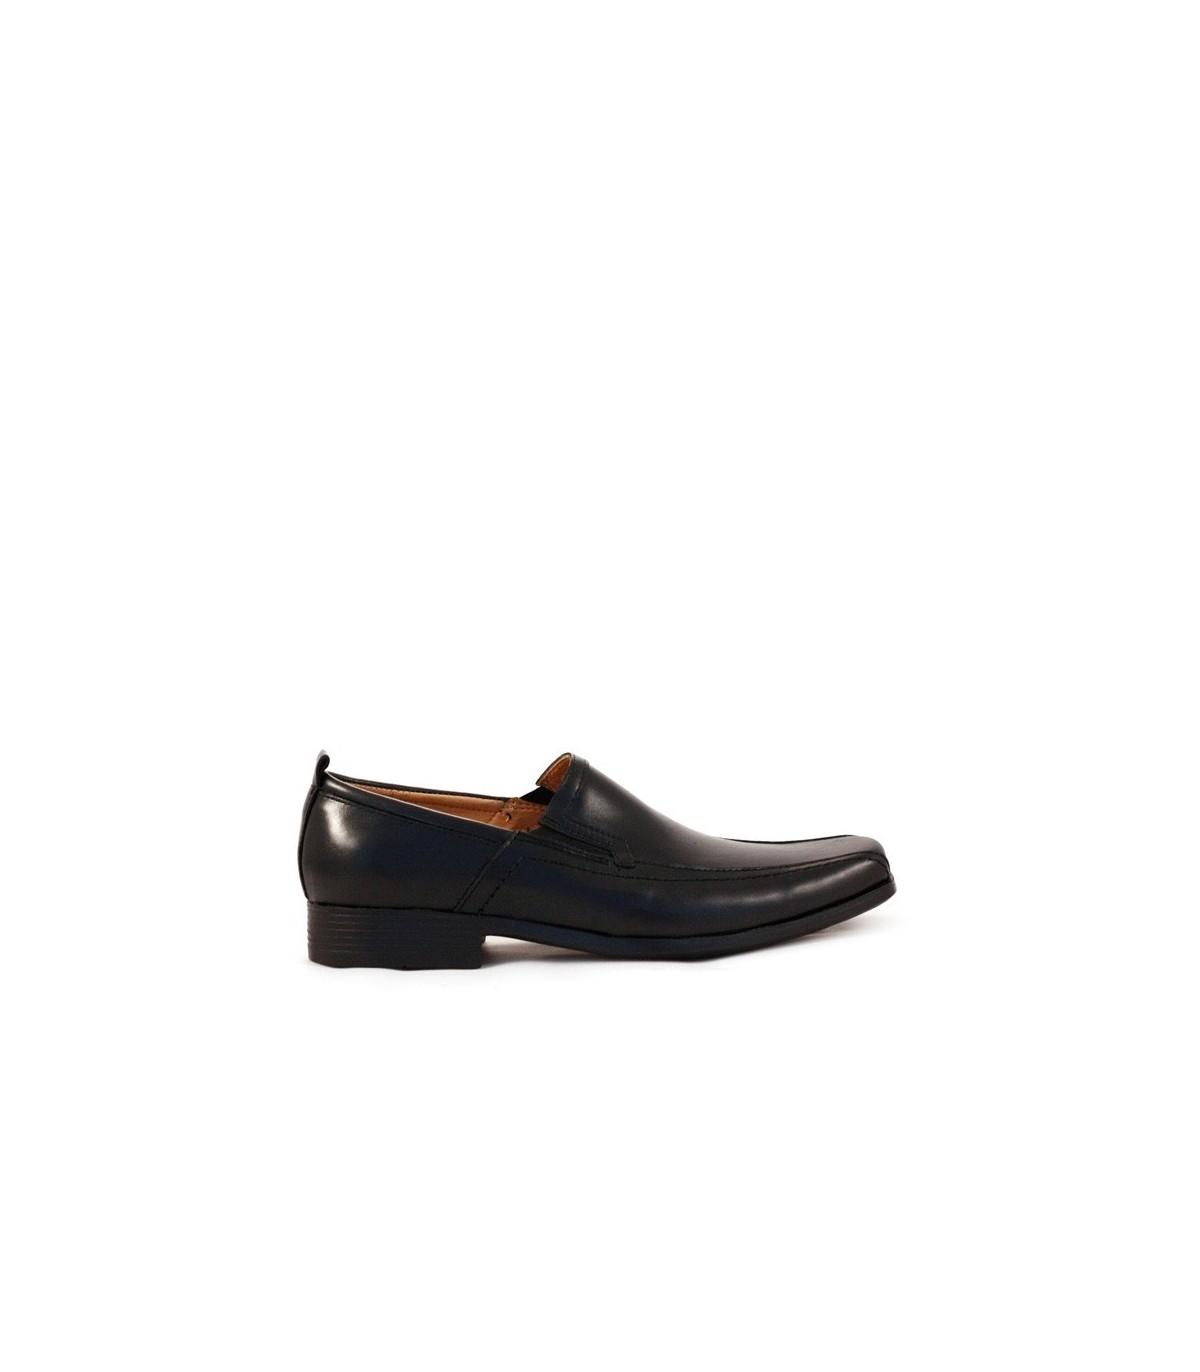 3cc22dfa Zapatos de vestir de cuero negros-Zapatos de vestir de hombre ...